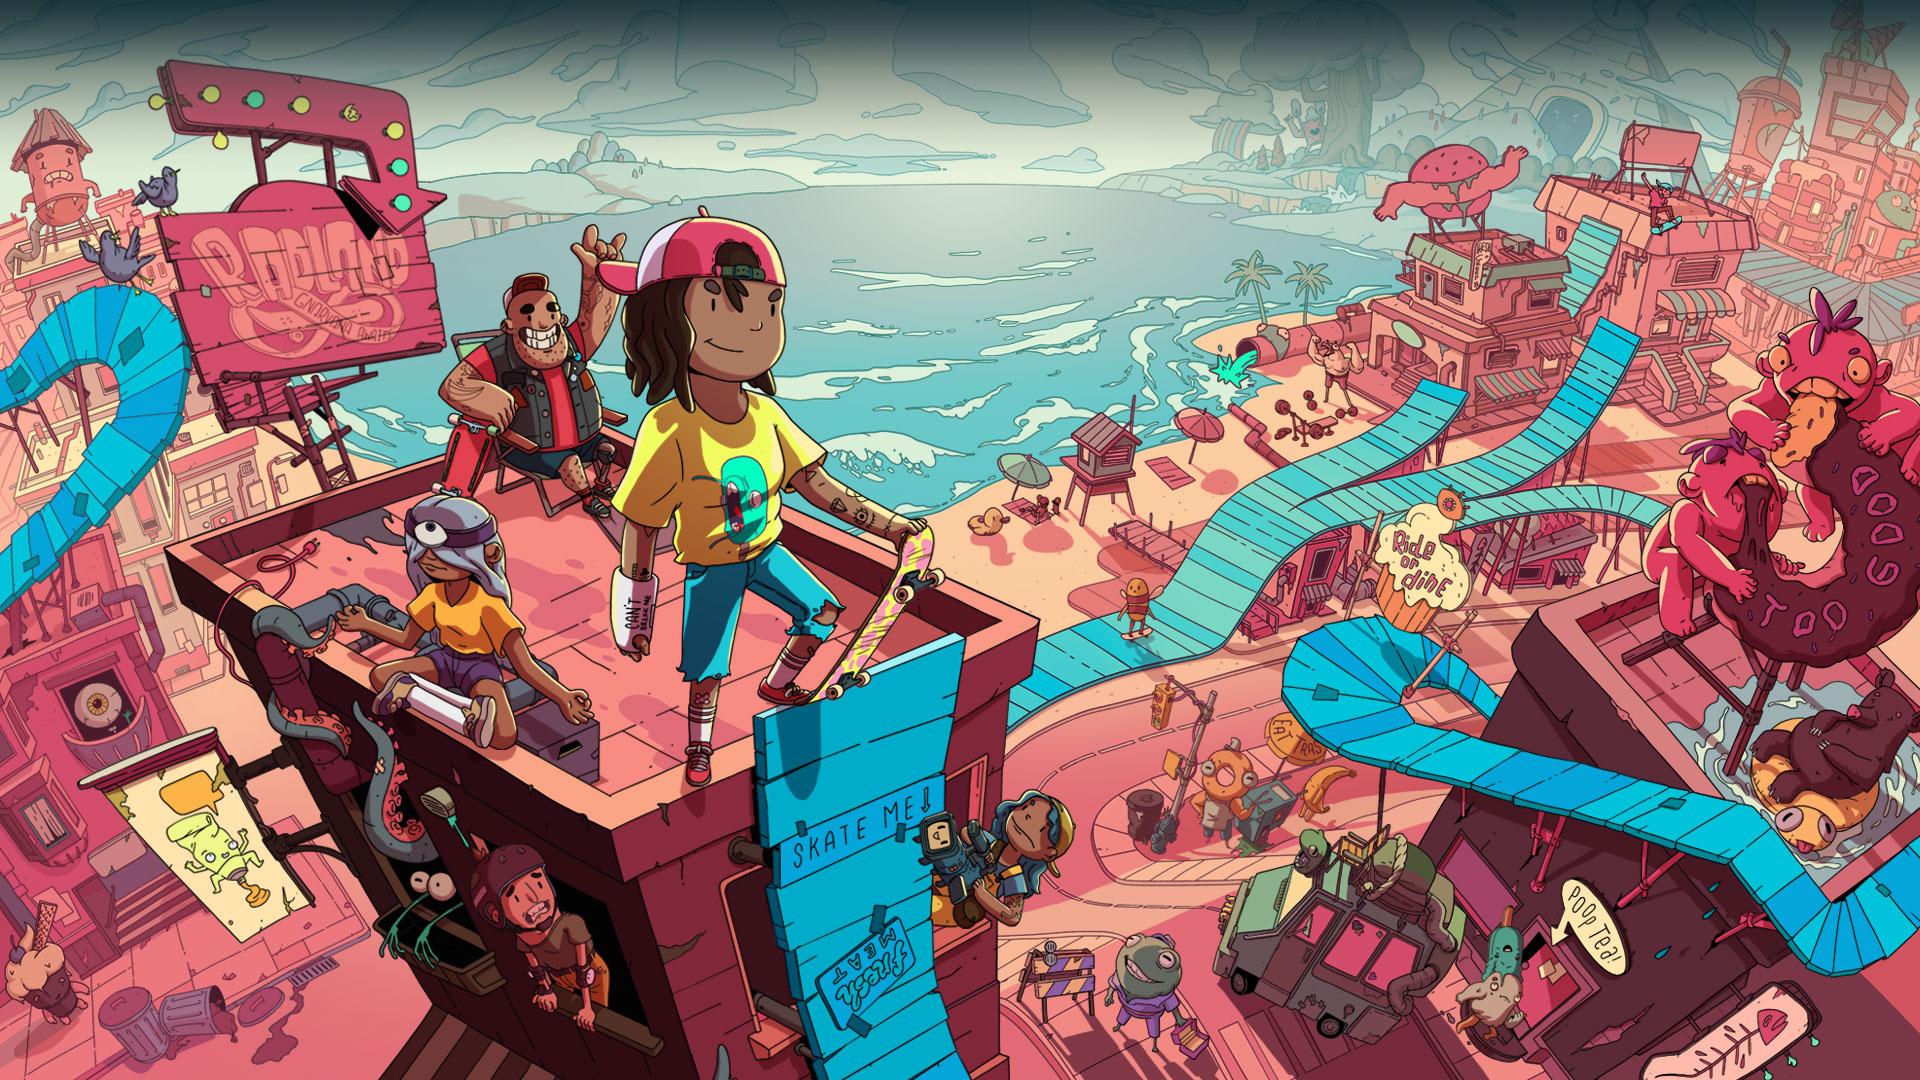 Varios personajes en lo alto de una rampa de skate alta con un pueblo debajo.